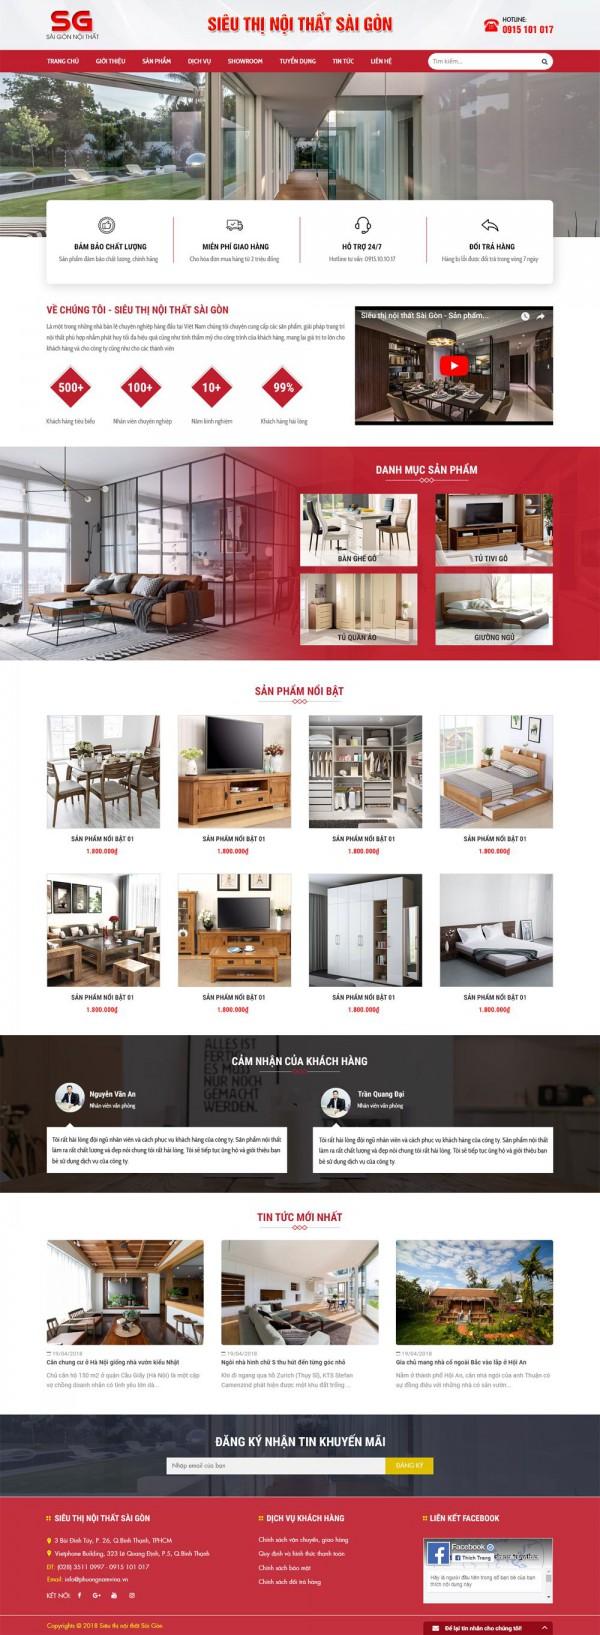 Mẫu website bán hàng đẹp - MS37